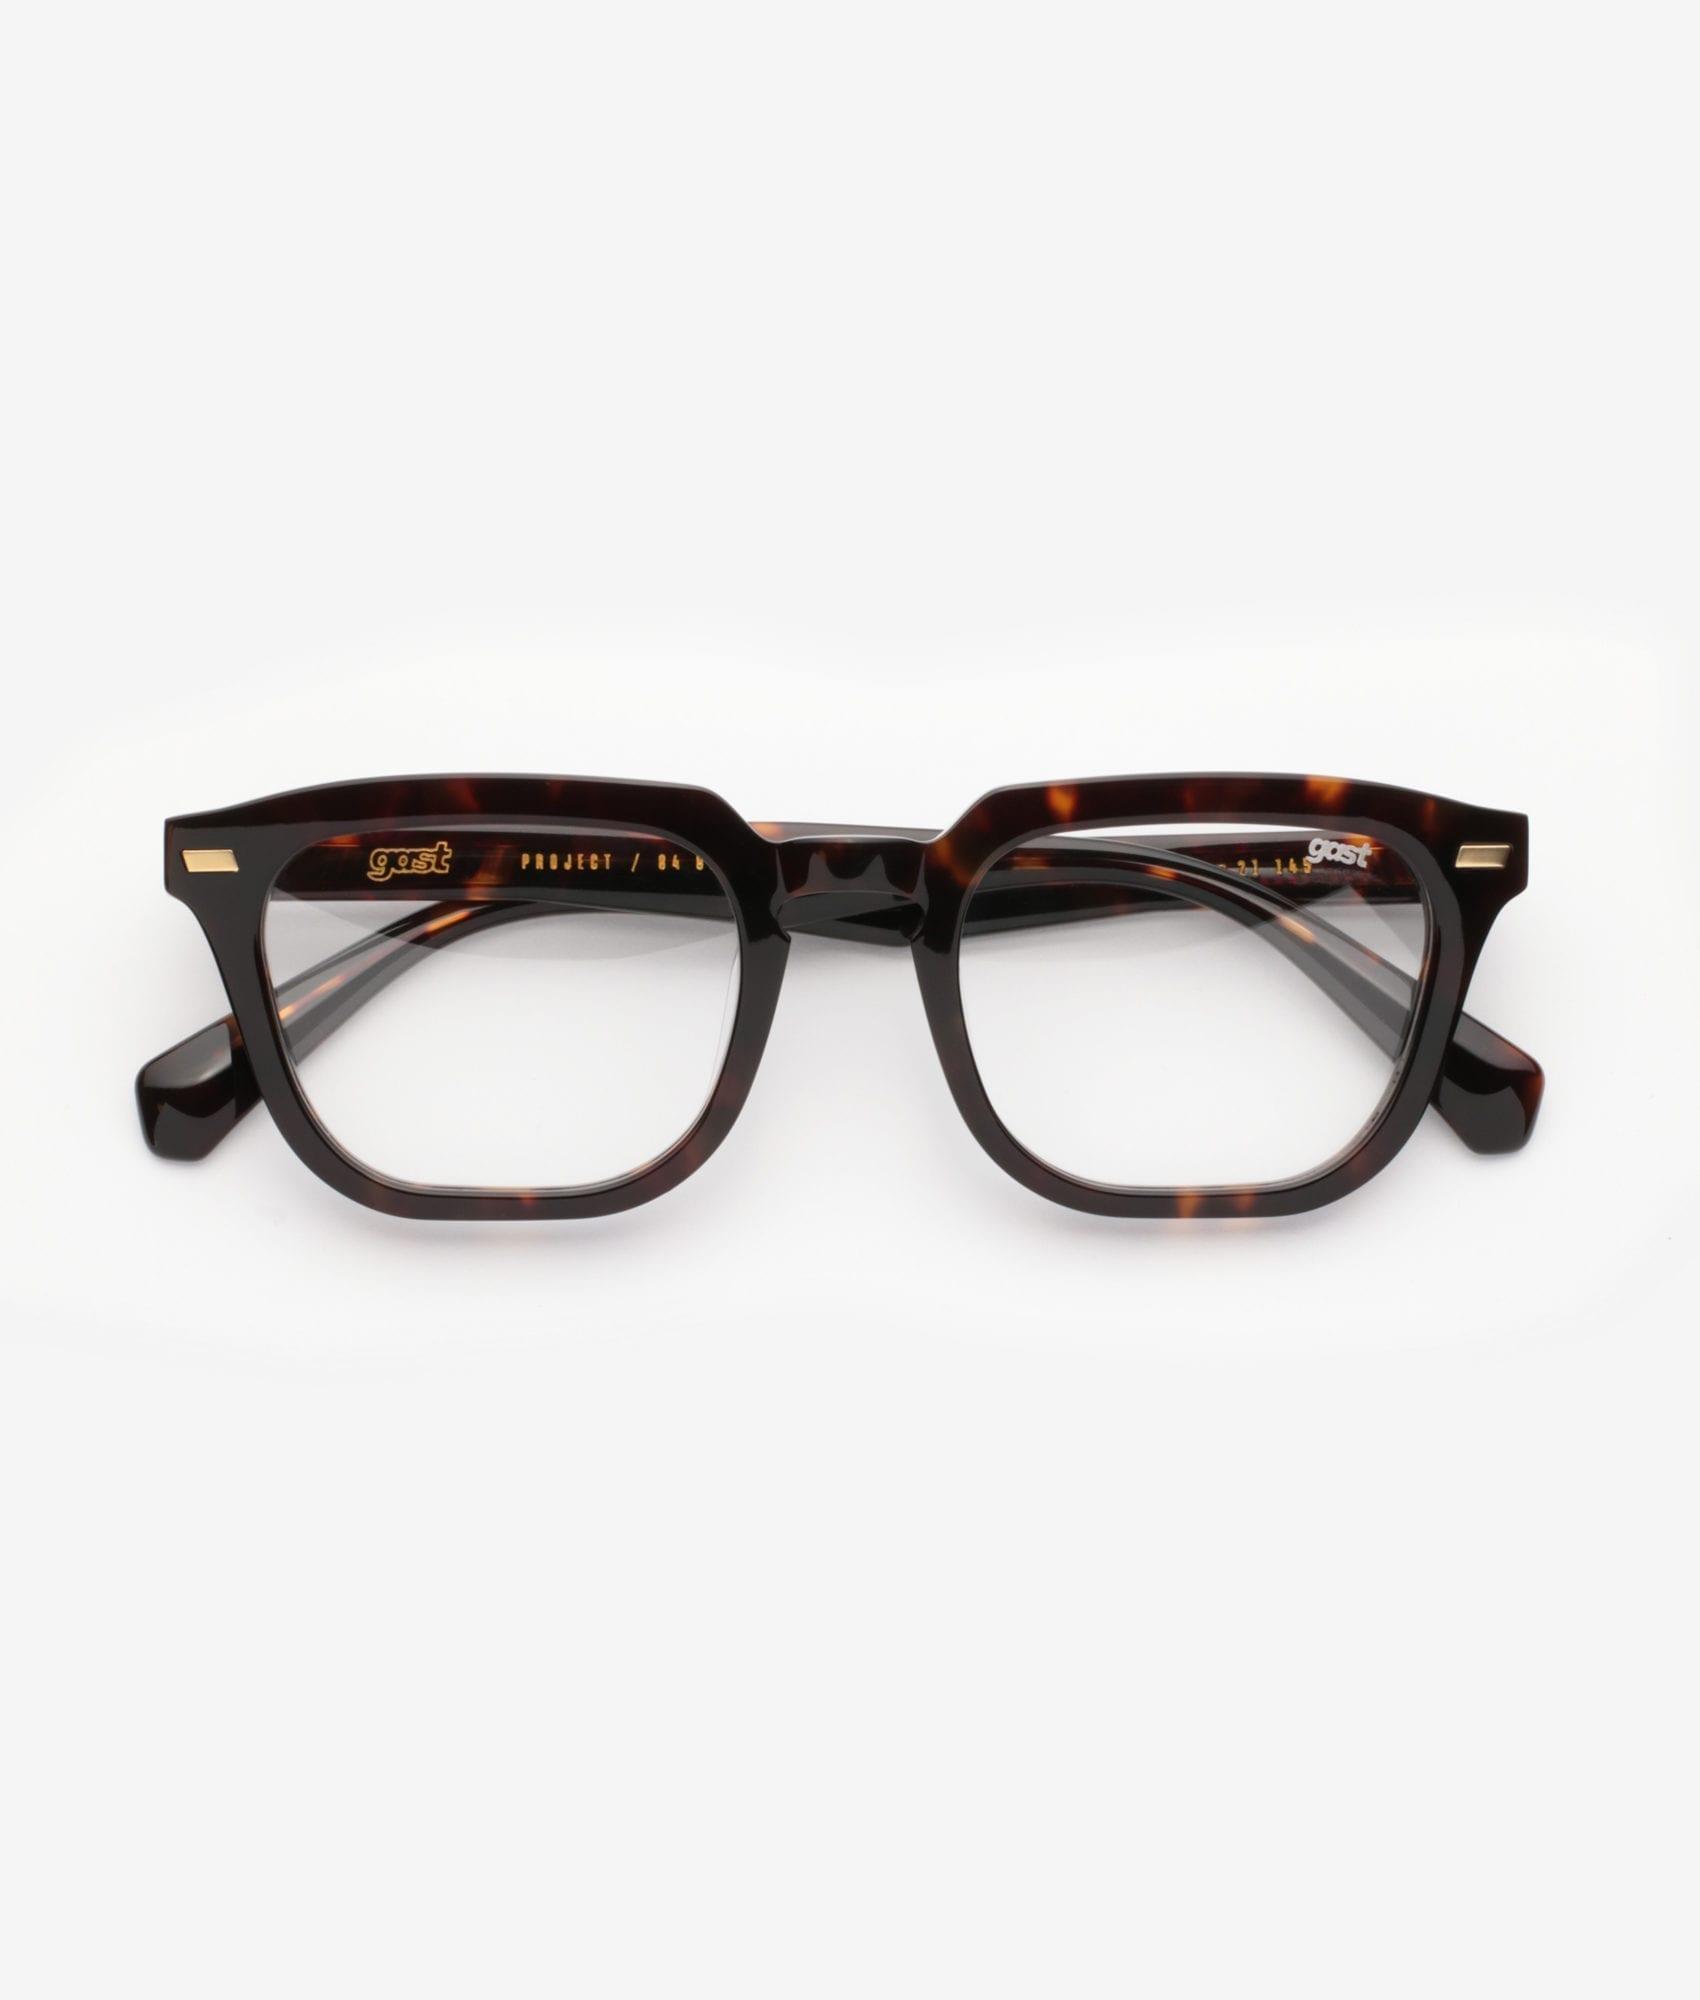 Bagaj Havana Gast eyewear